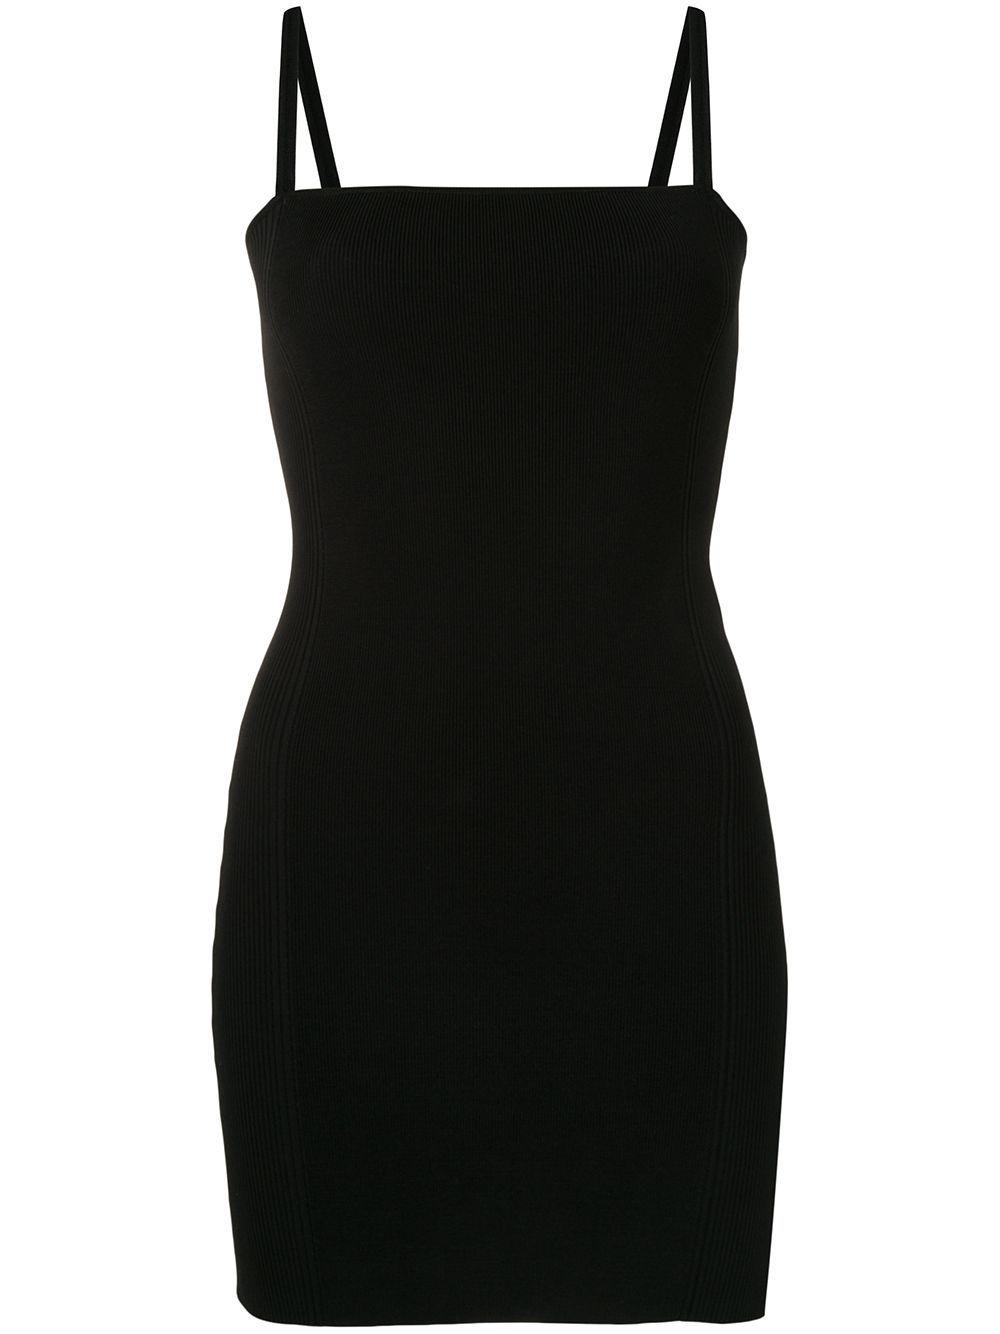 Sir Cecelia Mini Dress Farfetch Mini Black Dress Black Short Dress Mini Dress